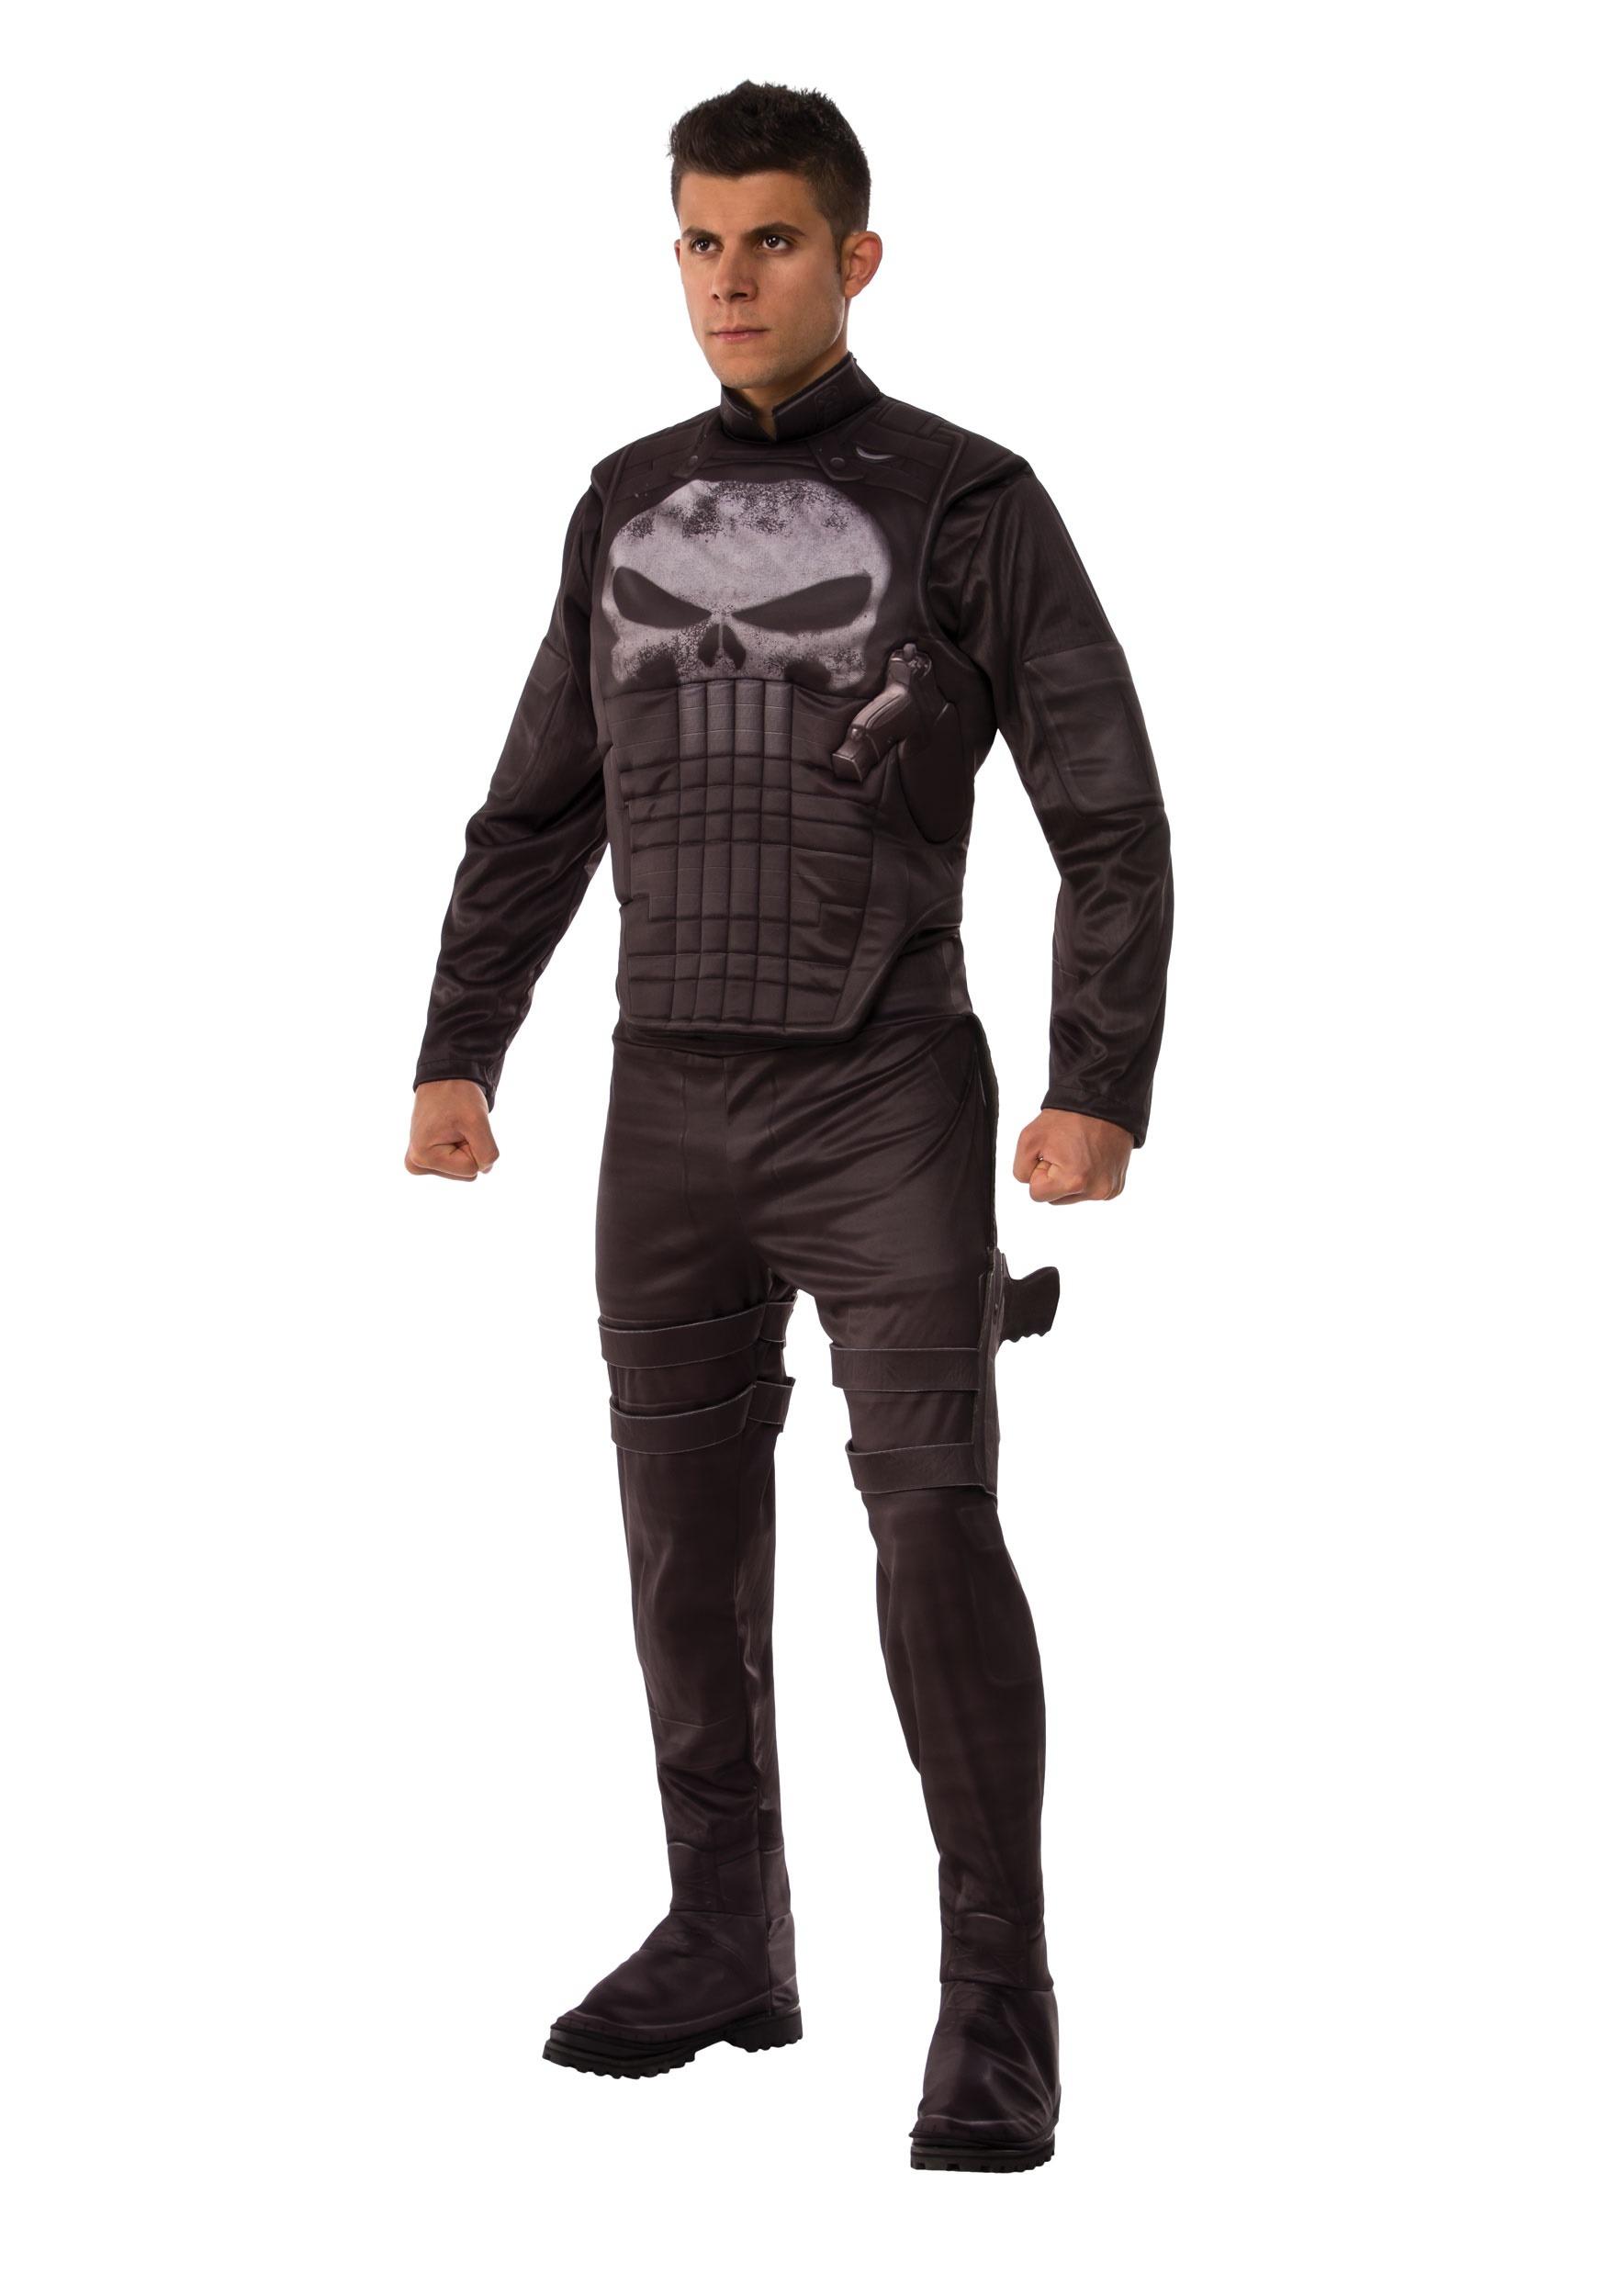 Punisher Deluxe Costume for Men